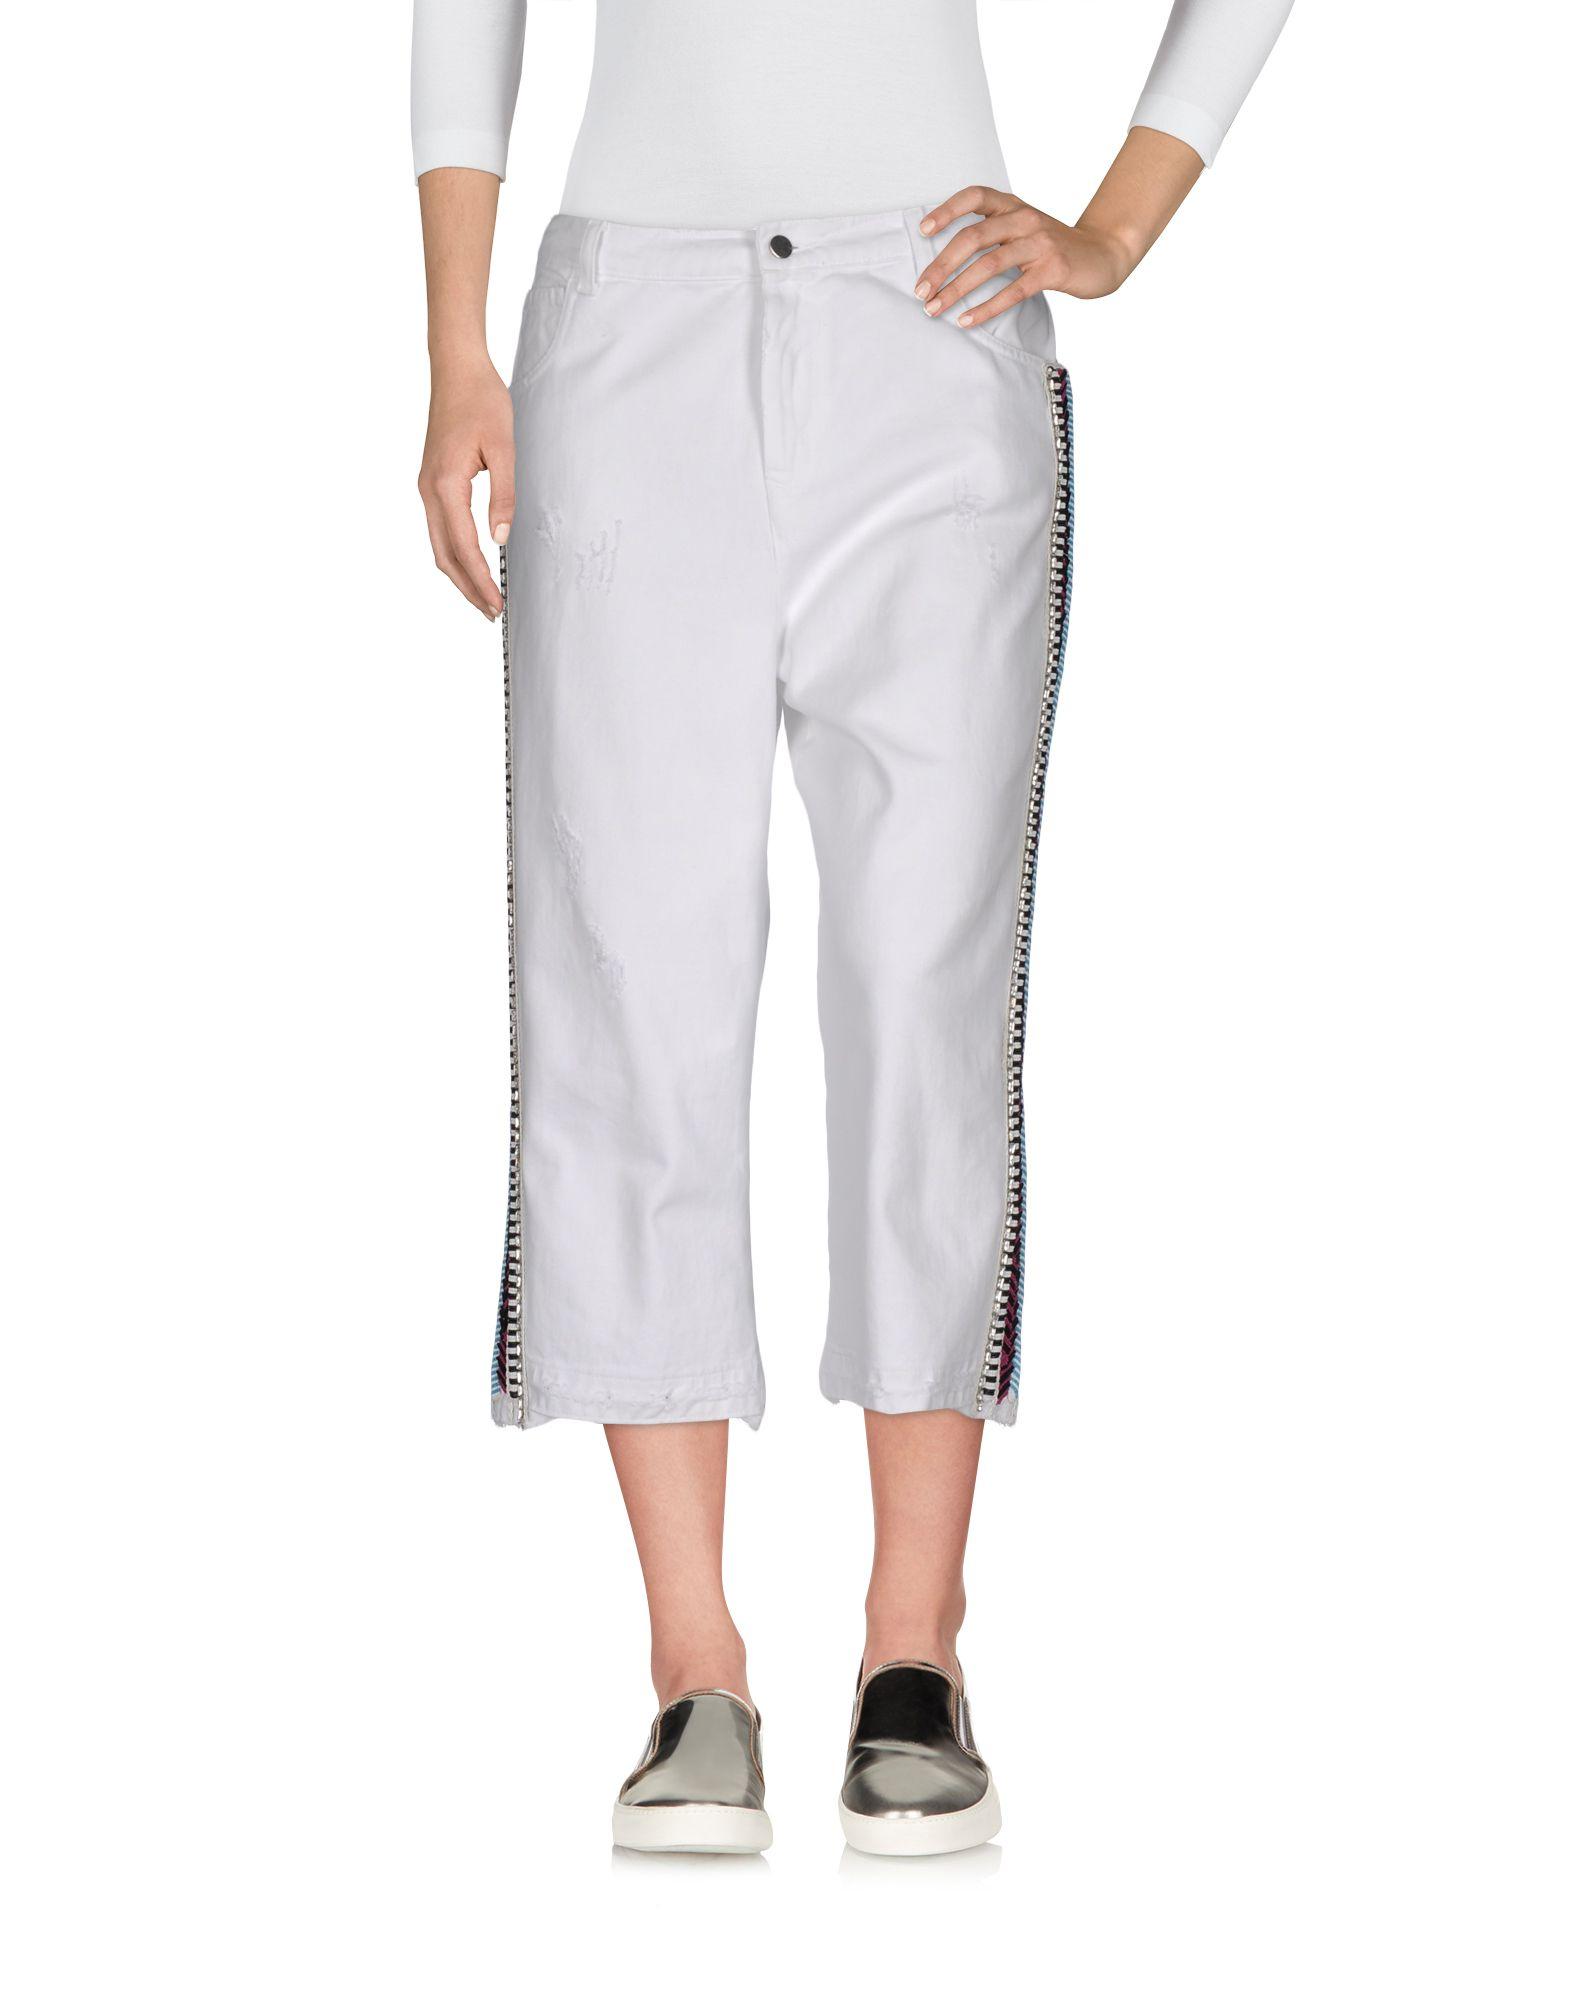 Pantaloni Jeans Laneus Donna - Acquista online su IBMcZ